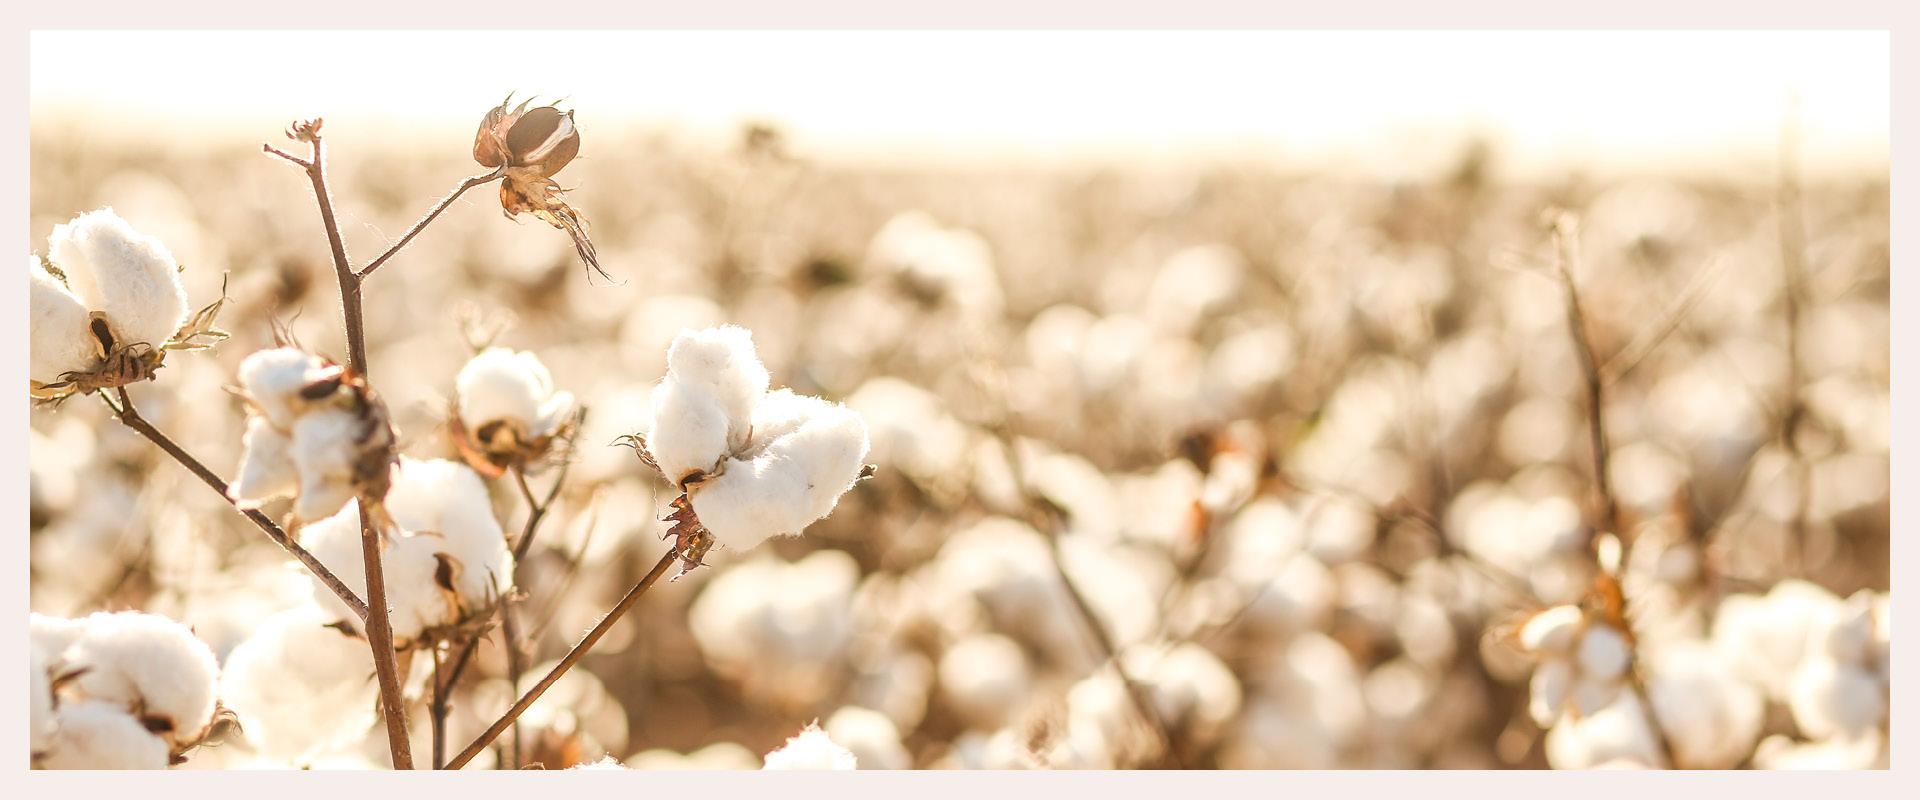 le tablier | Baumwollpflanze auf einem Feld